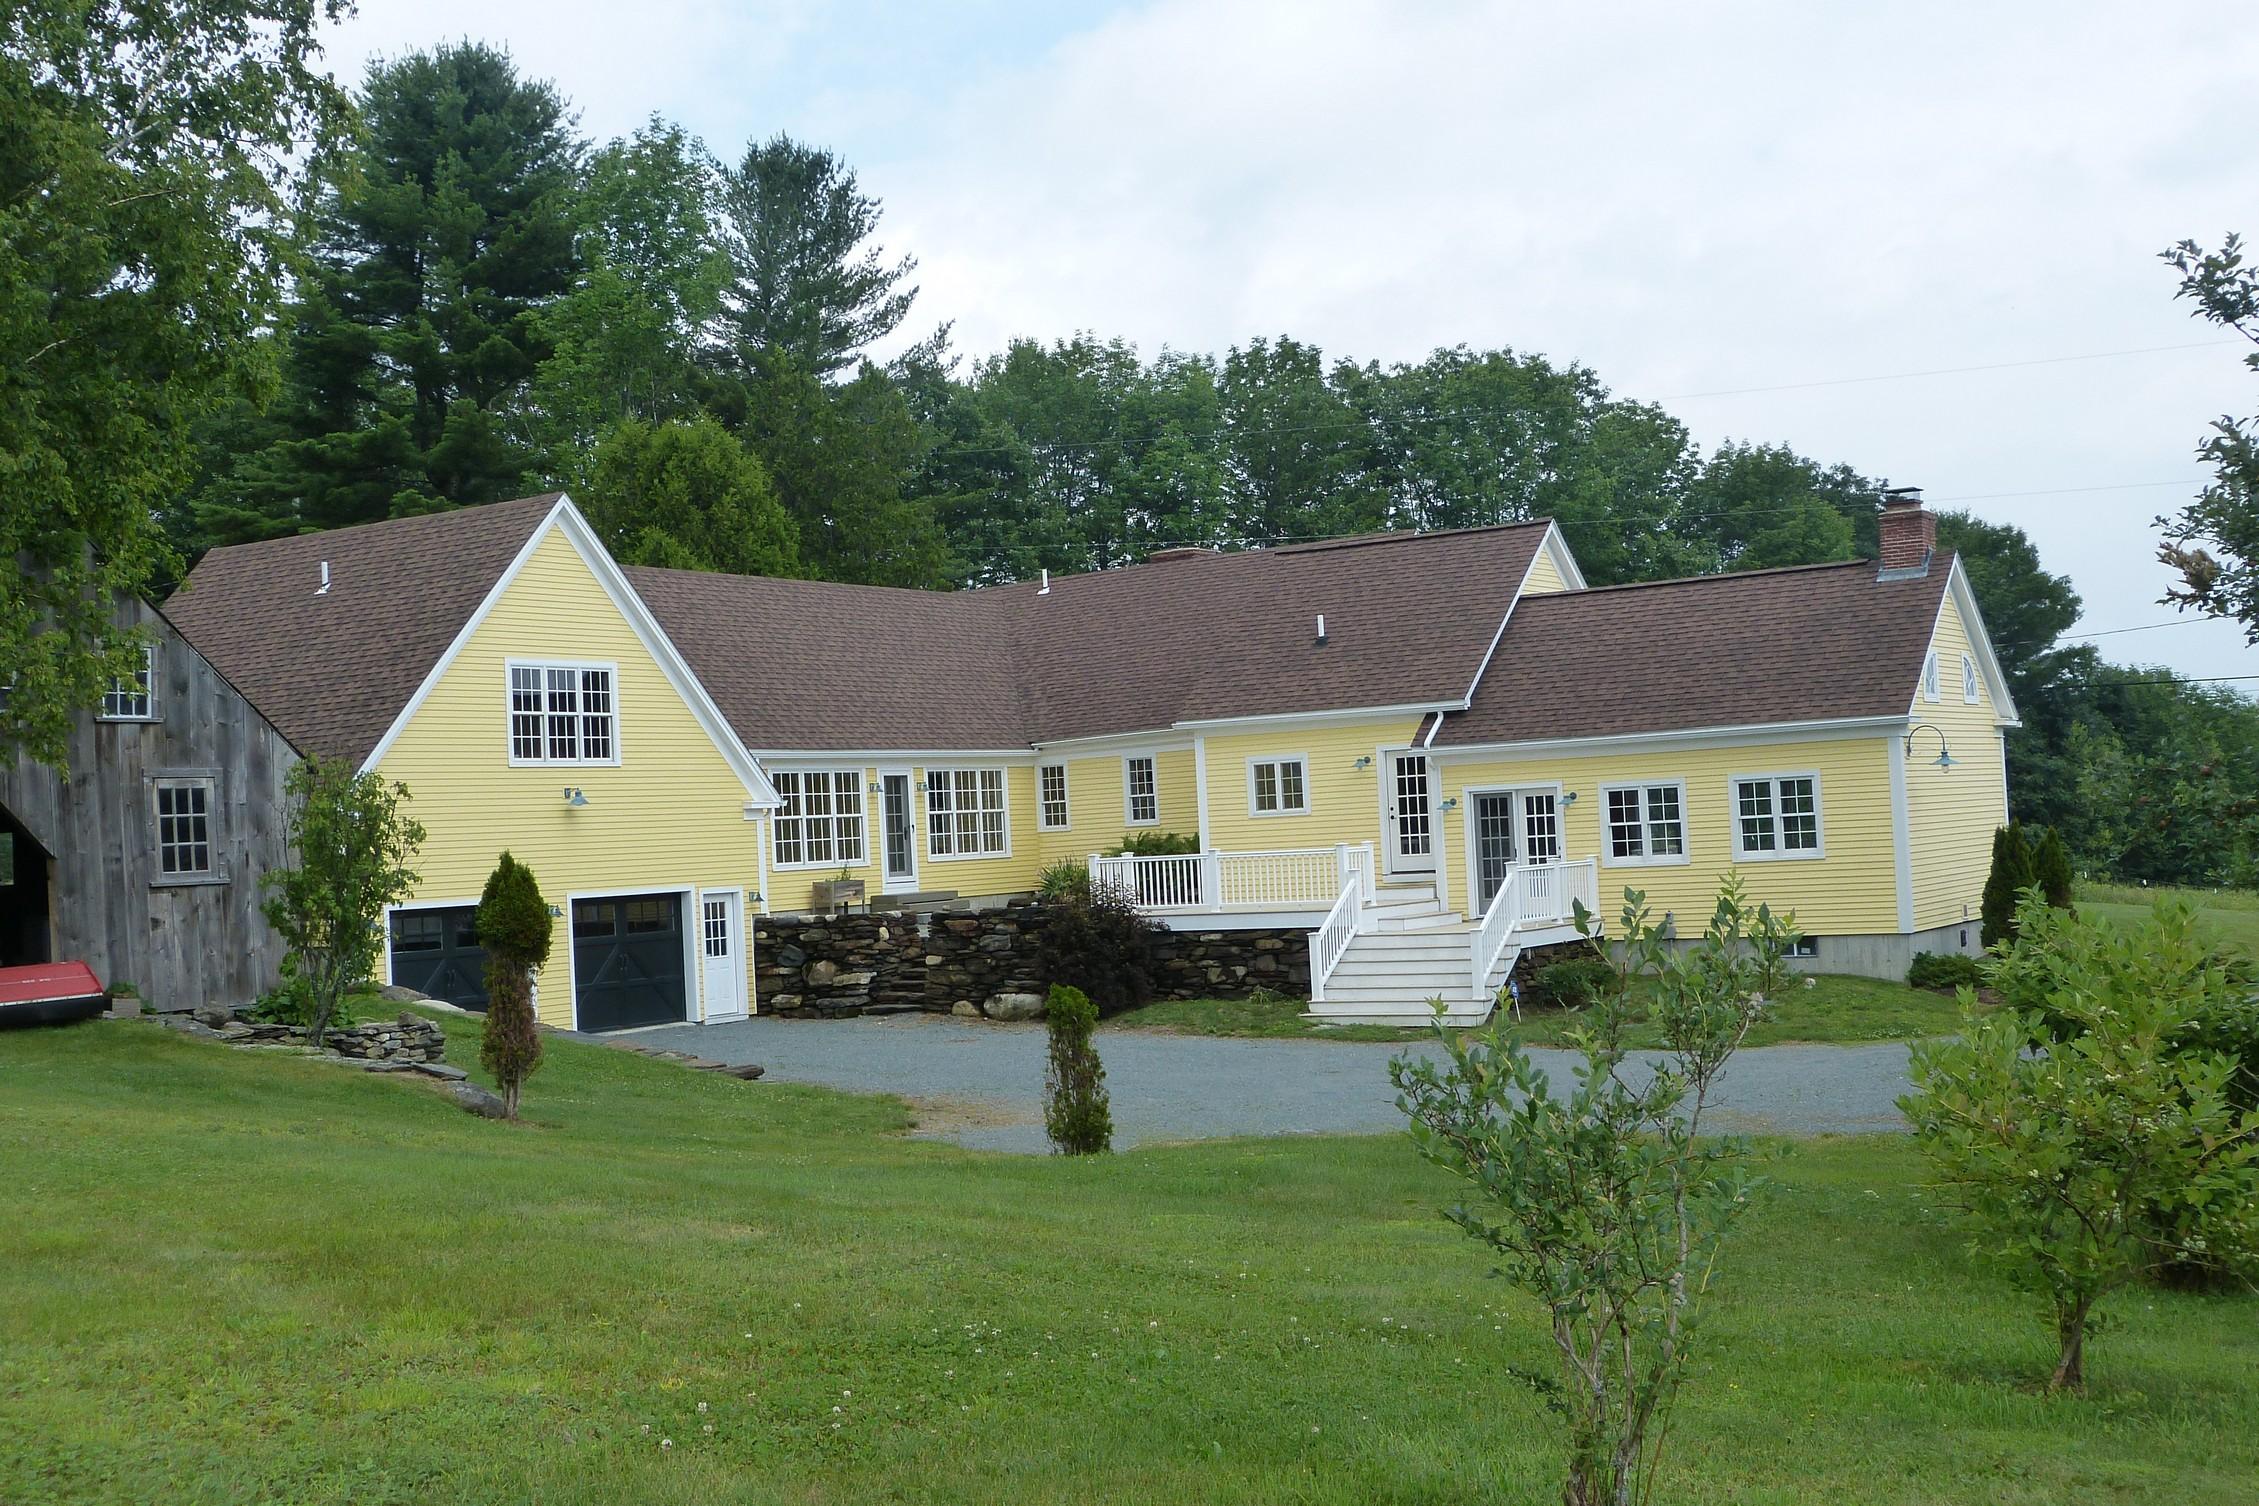 Einfamilienhaus für Verkauf beim 187 Skinny Ridge Road, Lyman 187 Skinny Ridge Rd Lyman, New Hampshire, 03585 Vereinigte Staaten